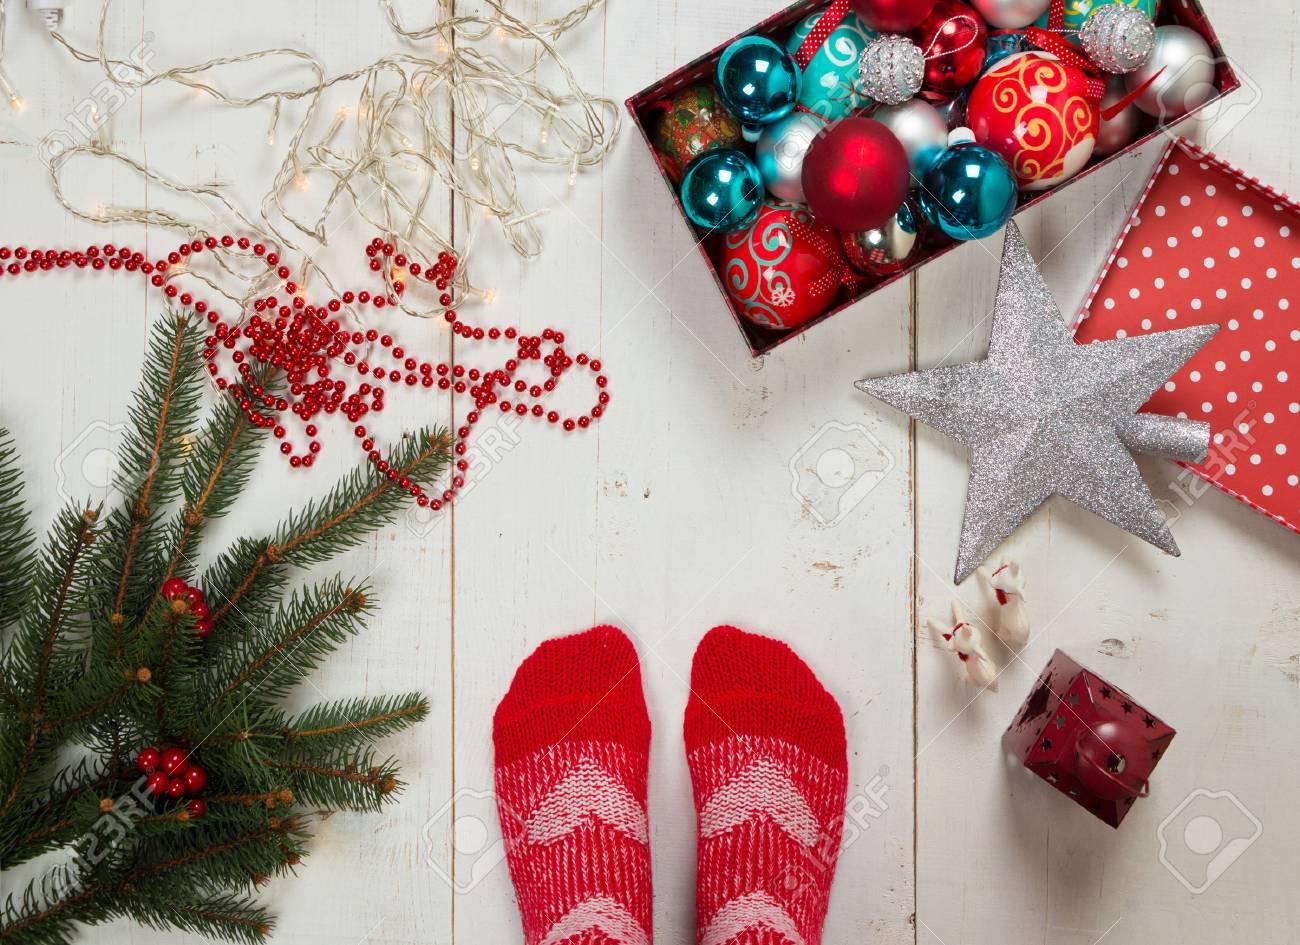 Como Decorar Calcetines Para Navidad.Pies De Una Persona Con Calcetines Rojos Listo Para Decorar El Arbol De Navidad Rodeado De Varios Adornos En El Suelo